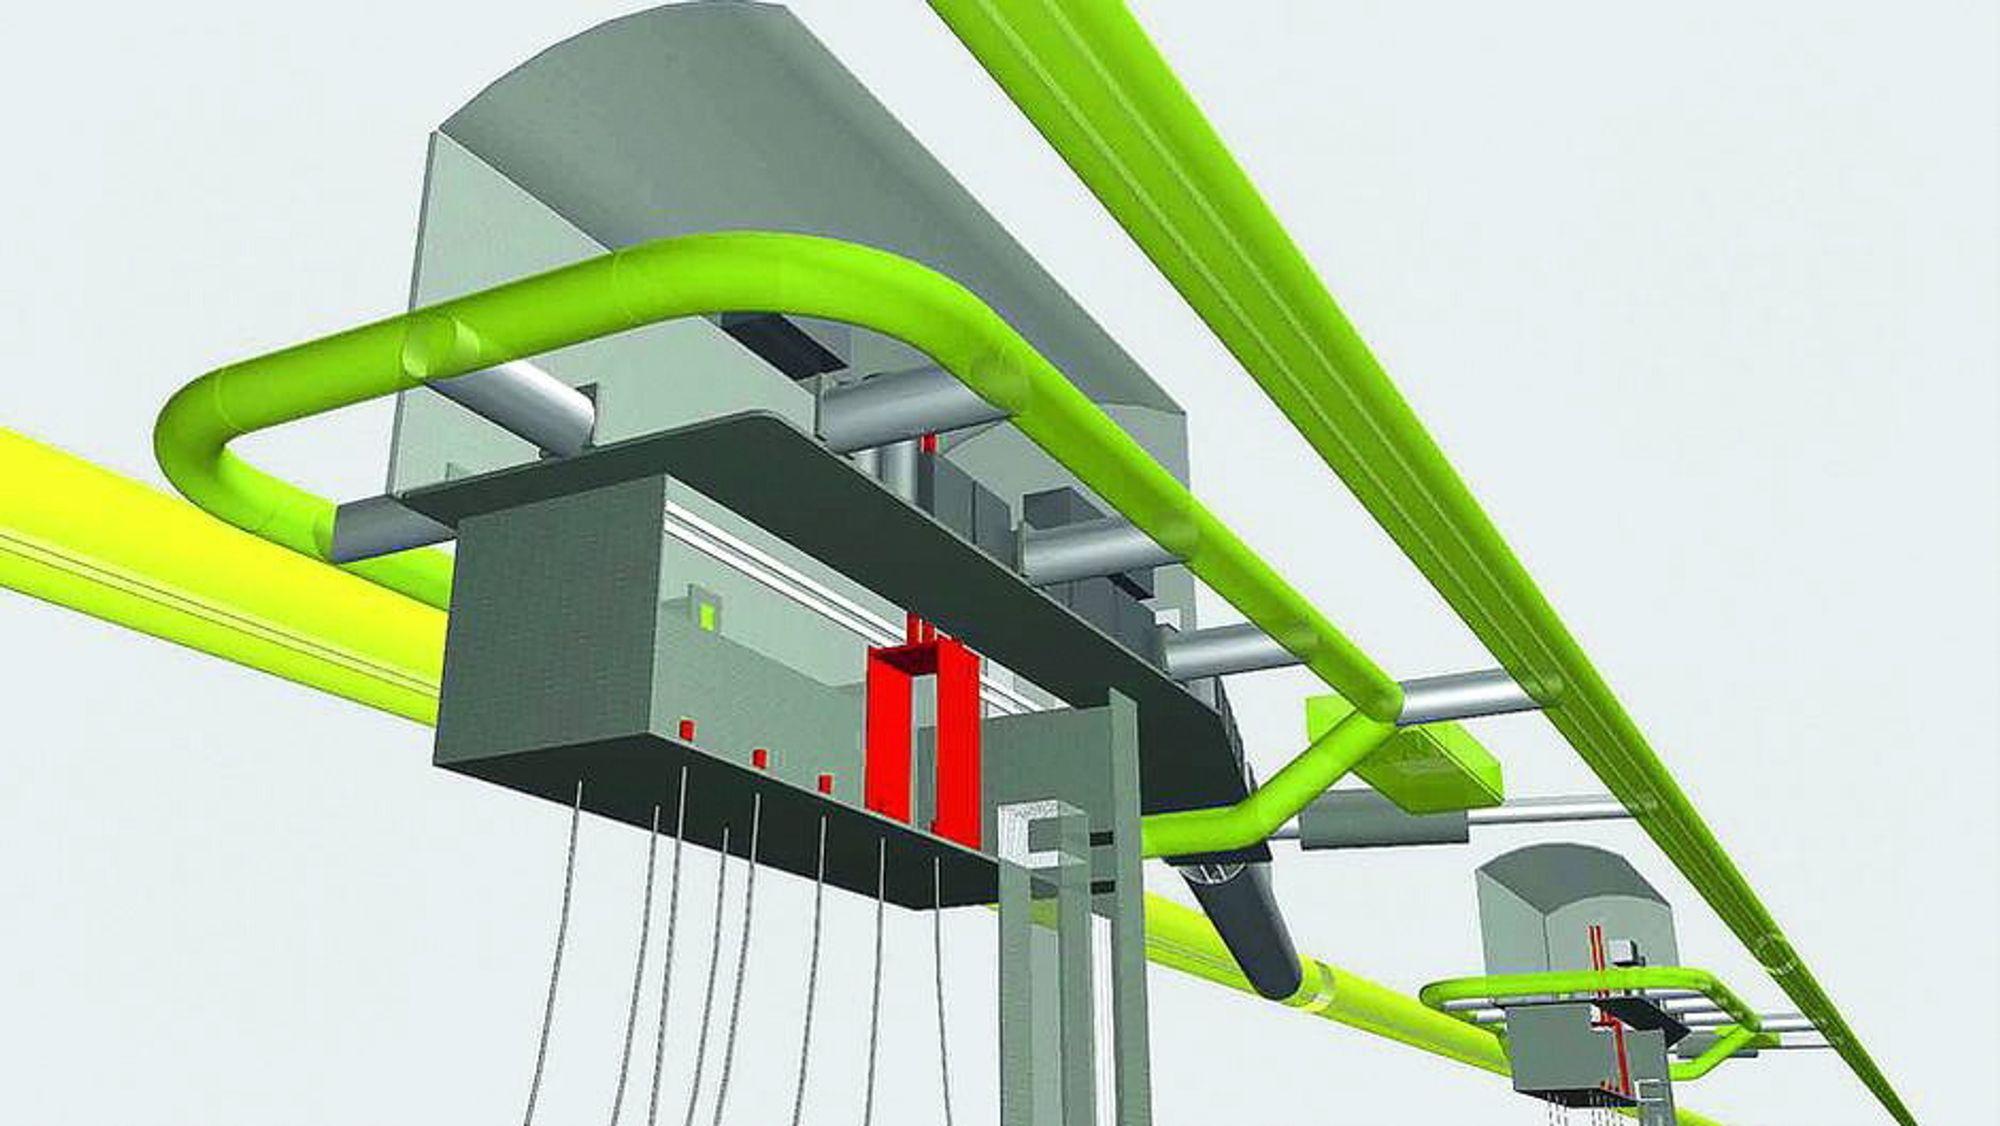 Acona, som har vært involvert i tunnelprosjektet tidligere, har skissert konseptet slik: To tunneler går parallelt på hver side av produksjonsfjellhallene.